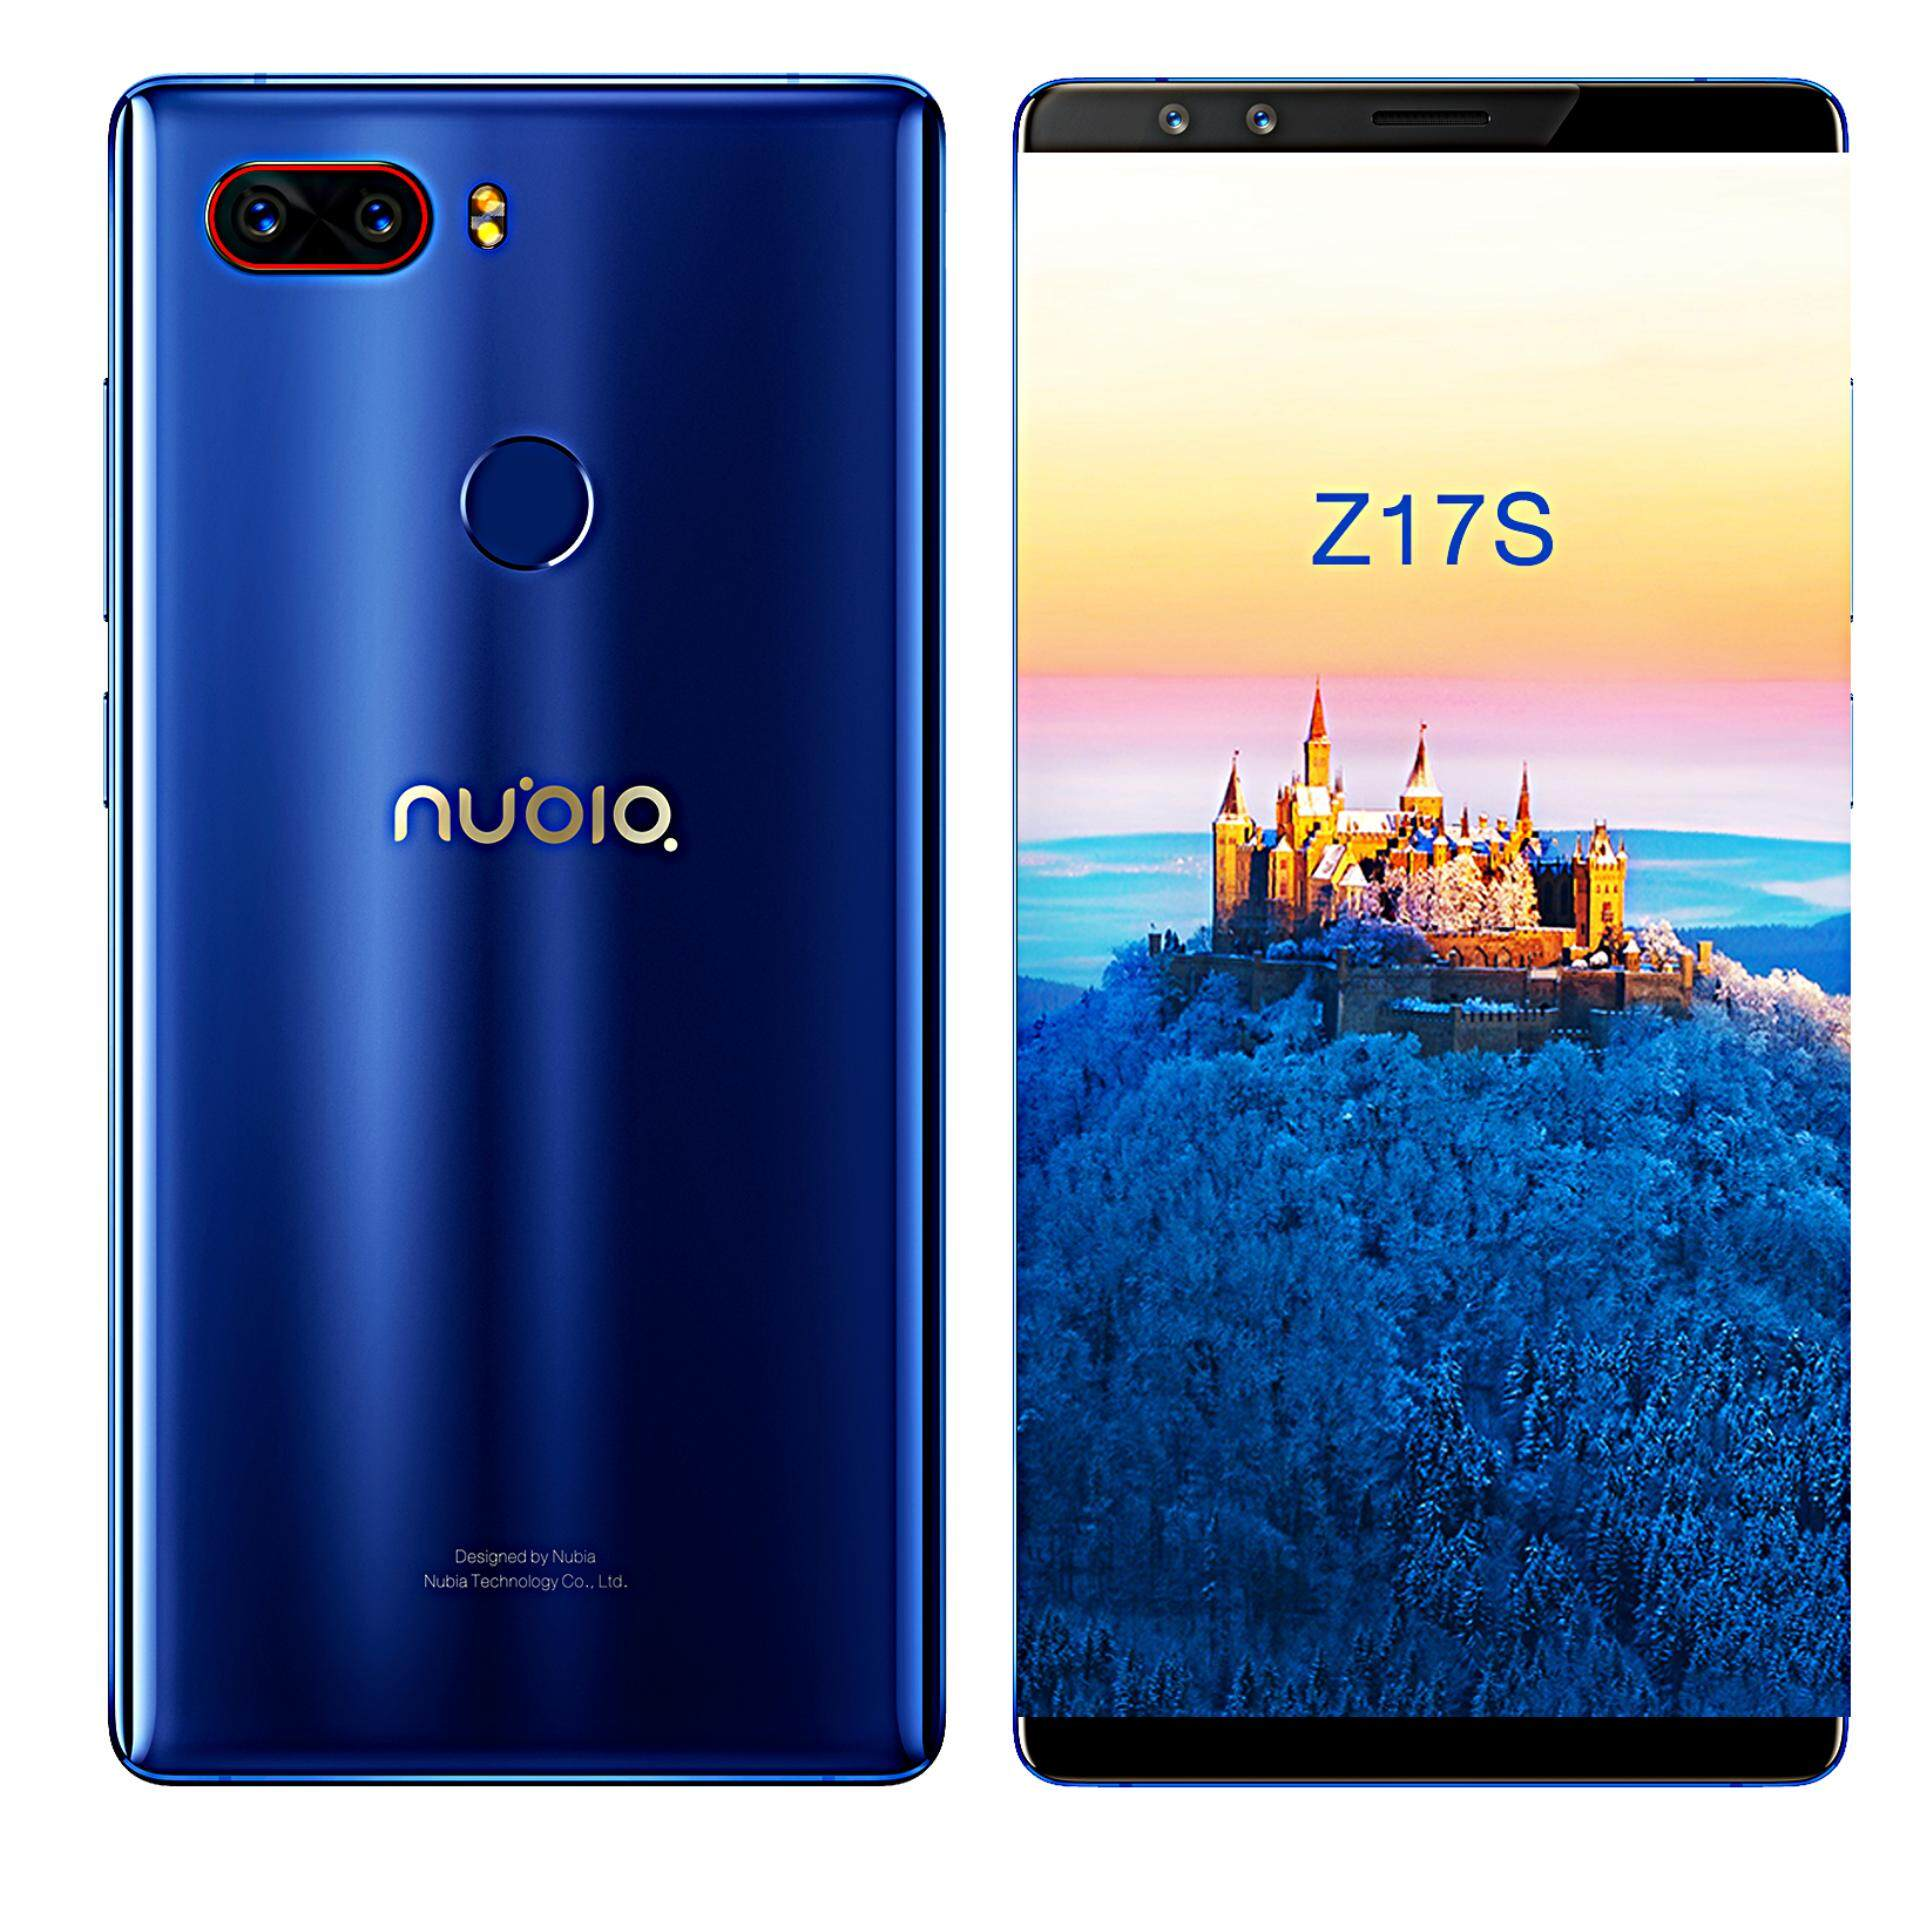 นูเบีย Z17S สีน้ำเงิน ออโรร่า  มือถือสเปคแรง แรม8GB **ผ่อนเดือนละ 1799บาท